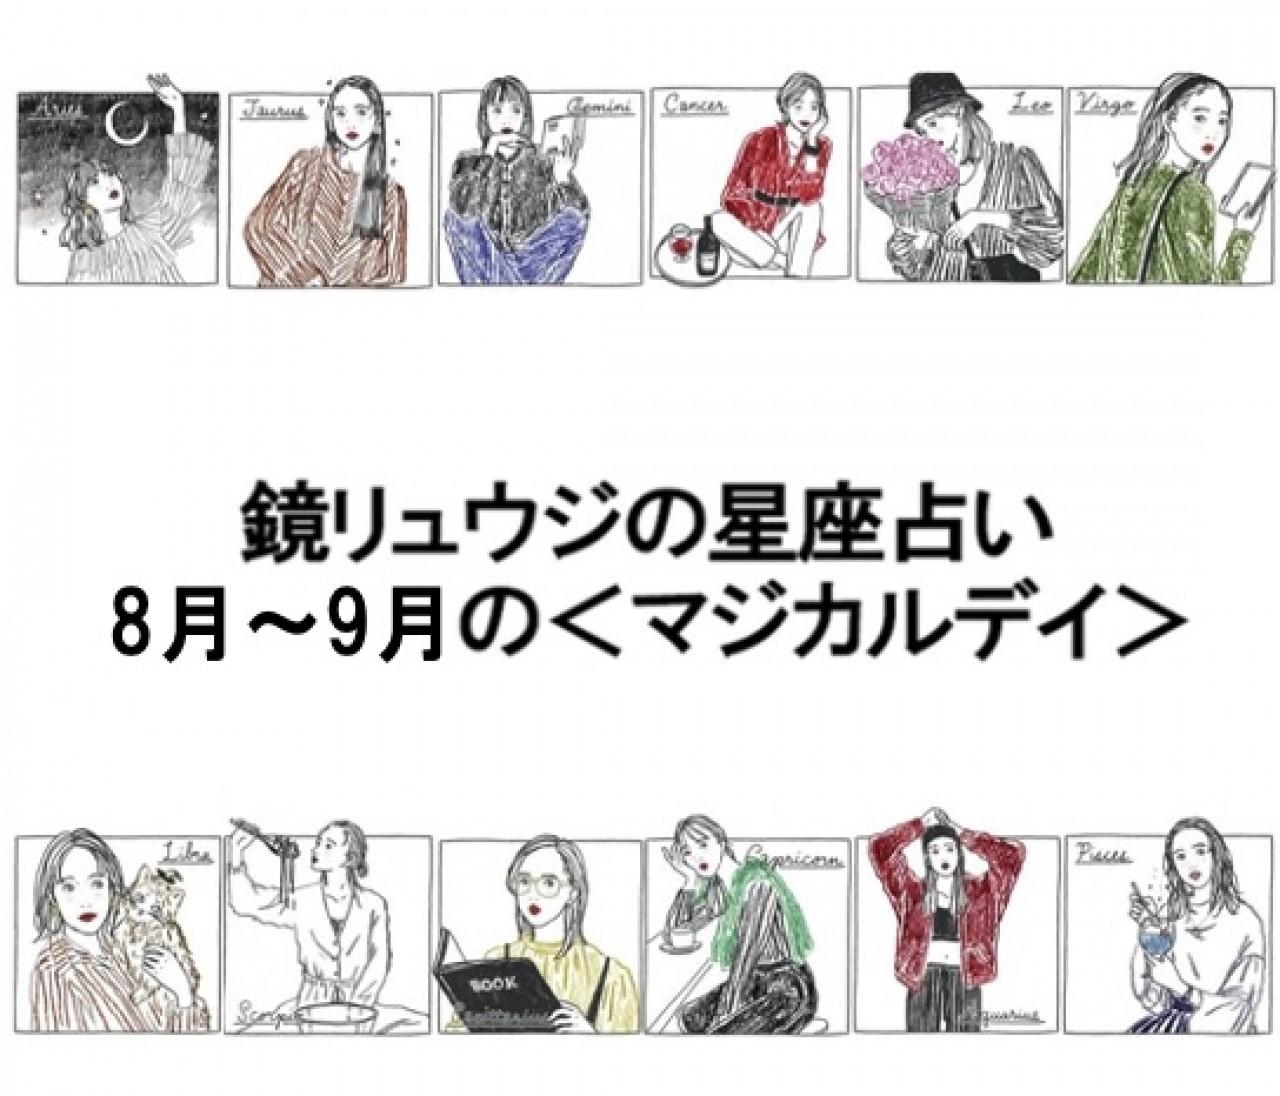 【鏡リュウジの星座占い】8月~9月の<マジカルデイ>に注目!